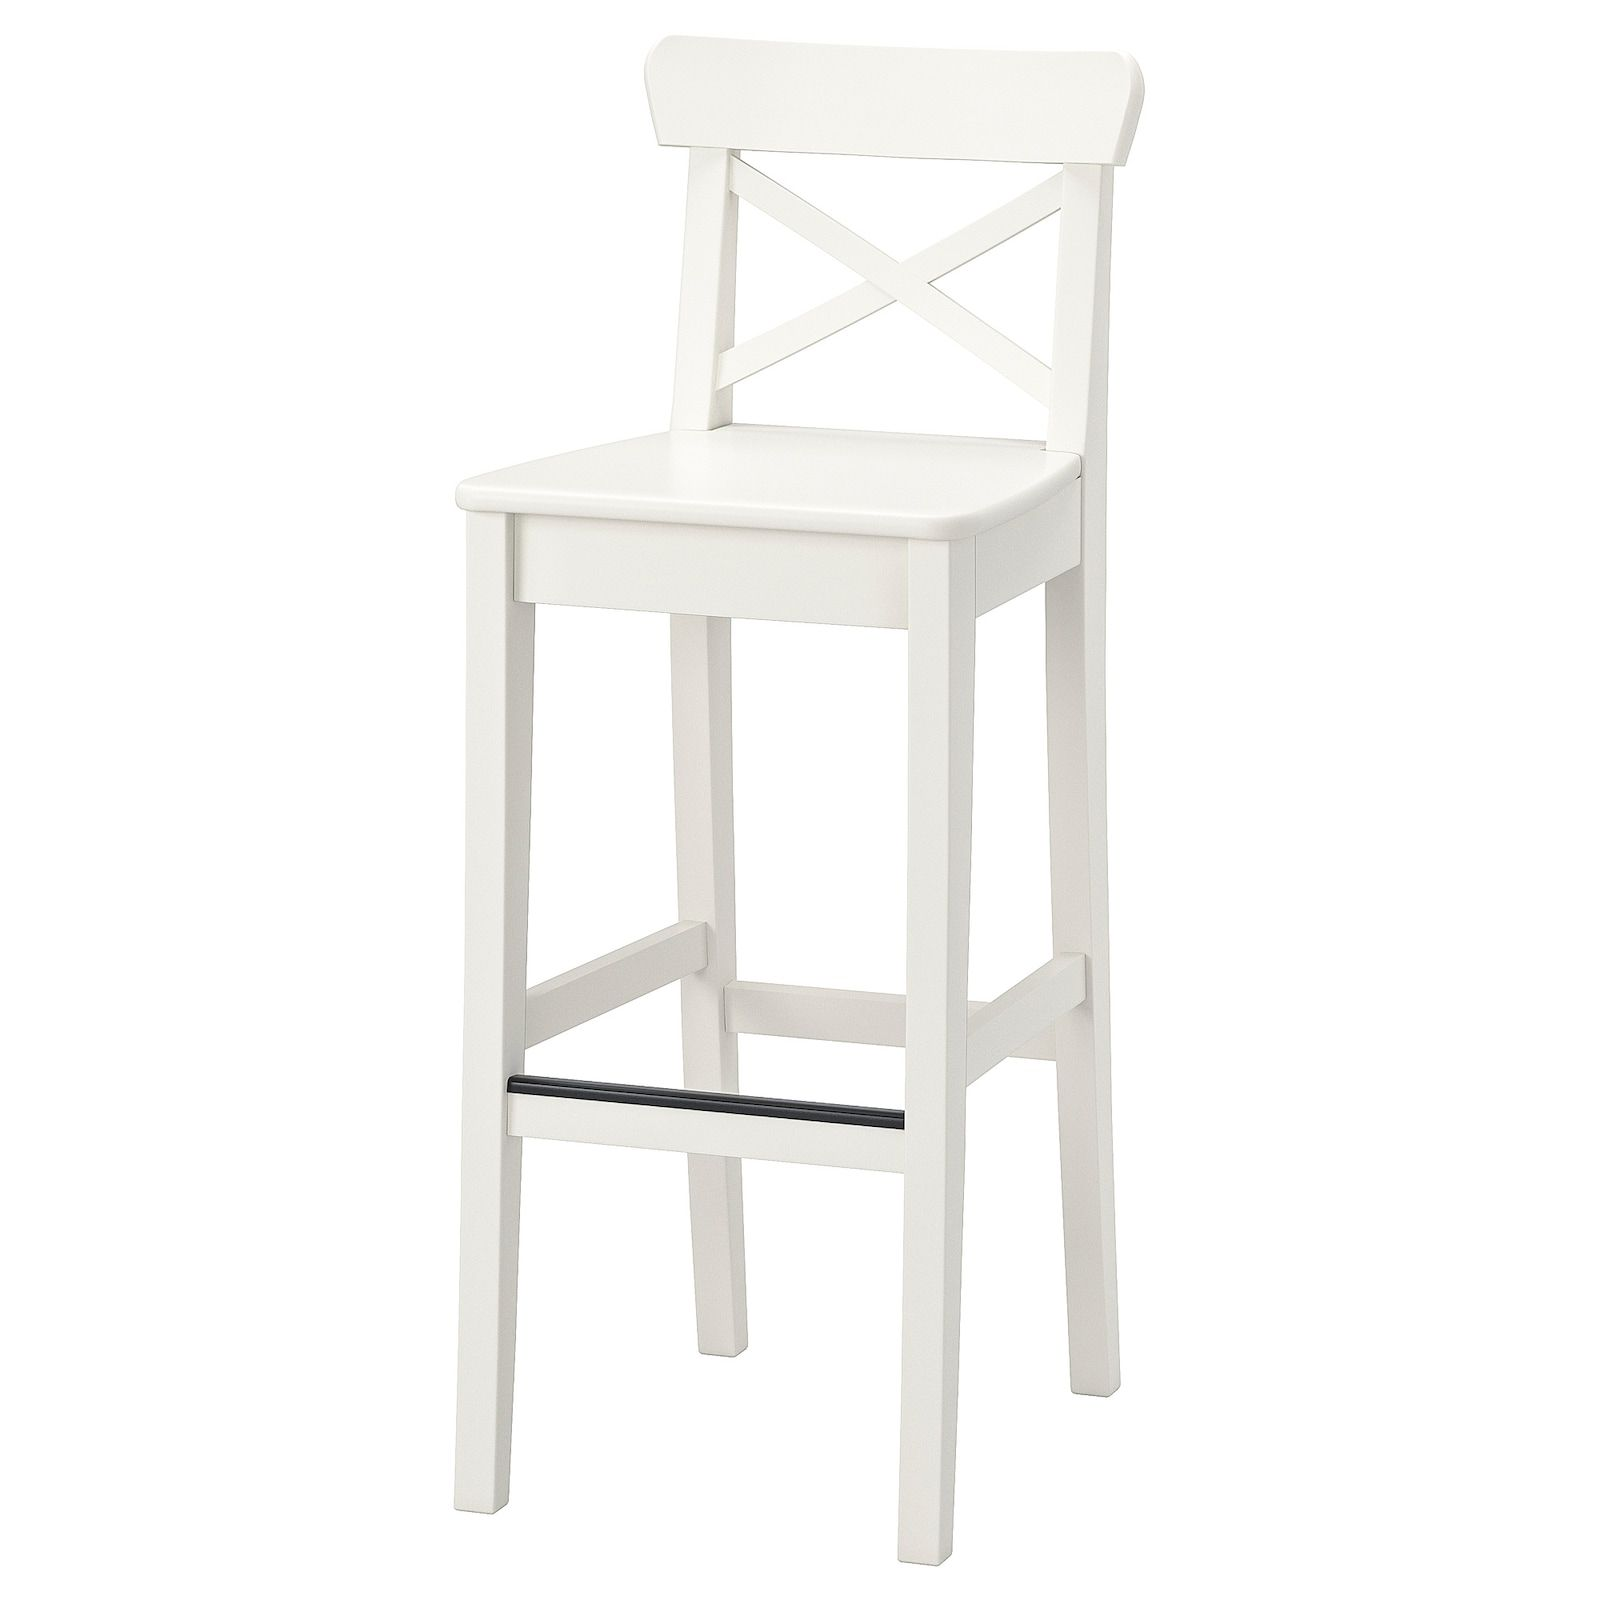 Ingolf Bar Stool With Backrest White Ikea Bar Stools White Bar Stools Pub Furniture